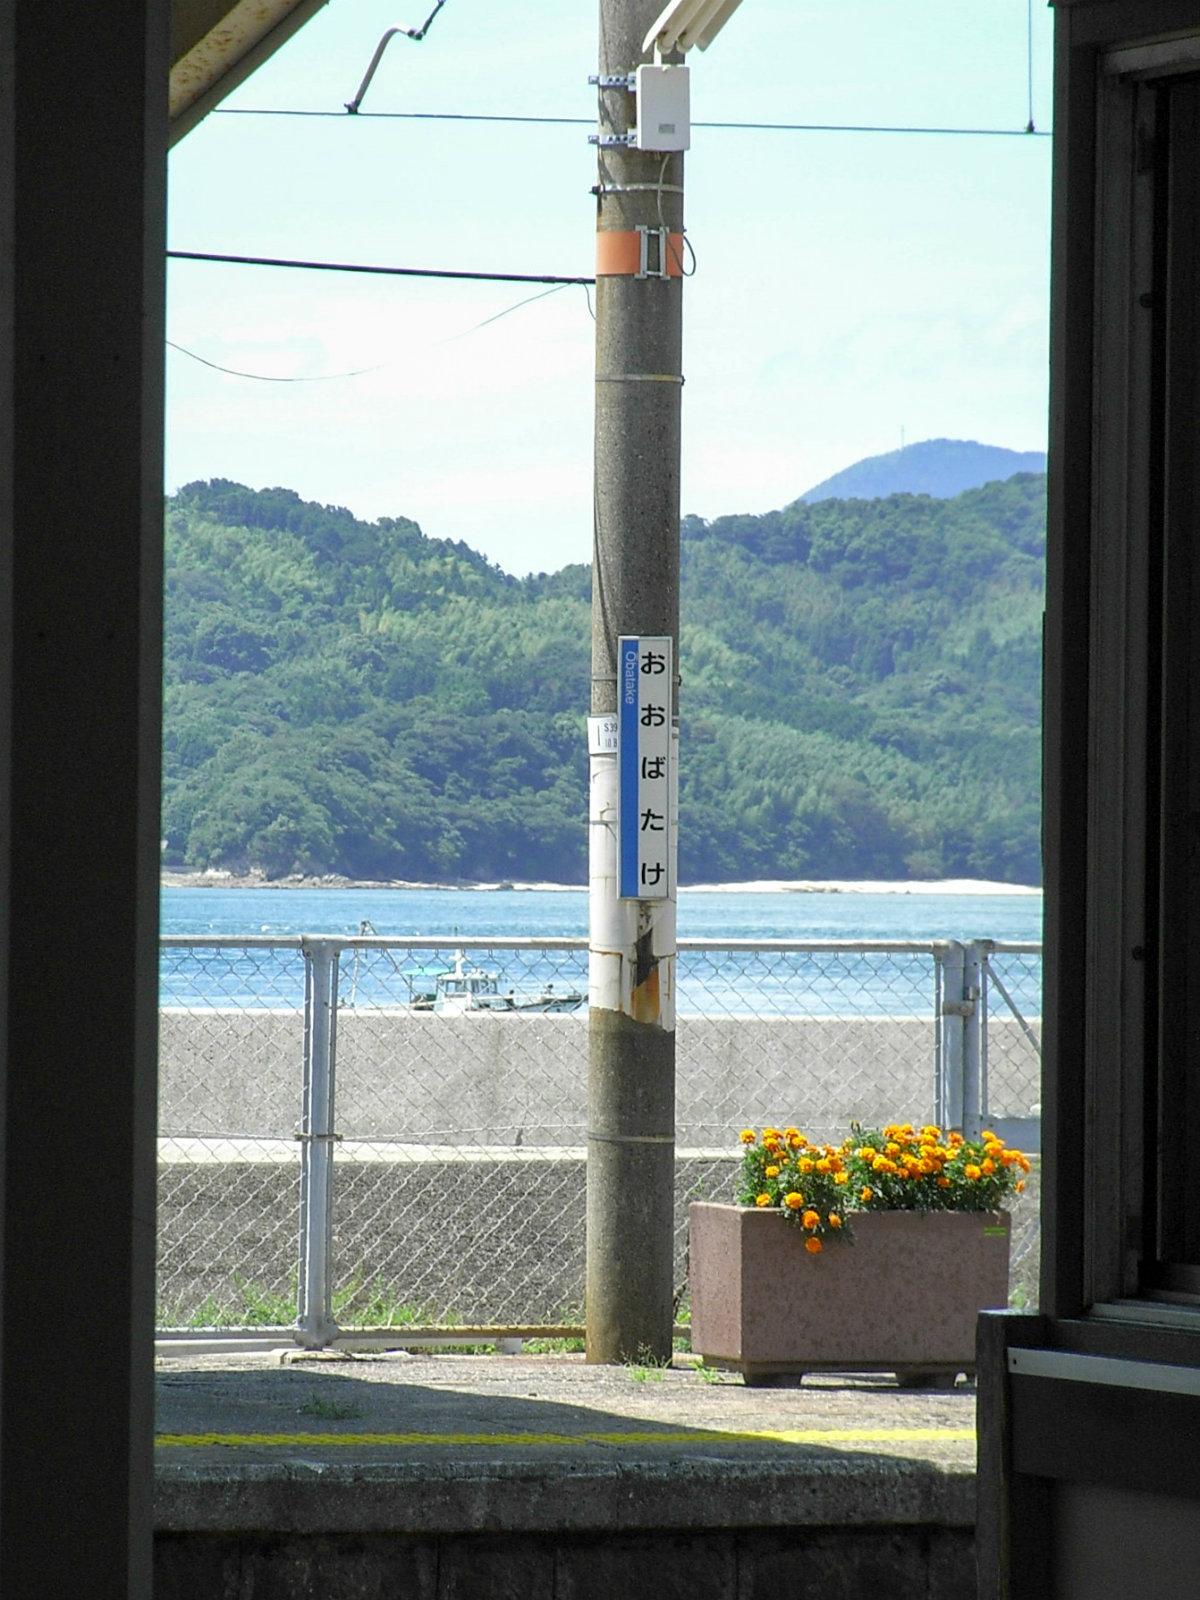 大畠駅の改札口から見た瀬戸内海